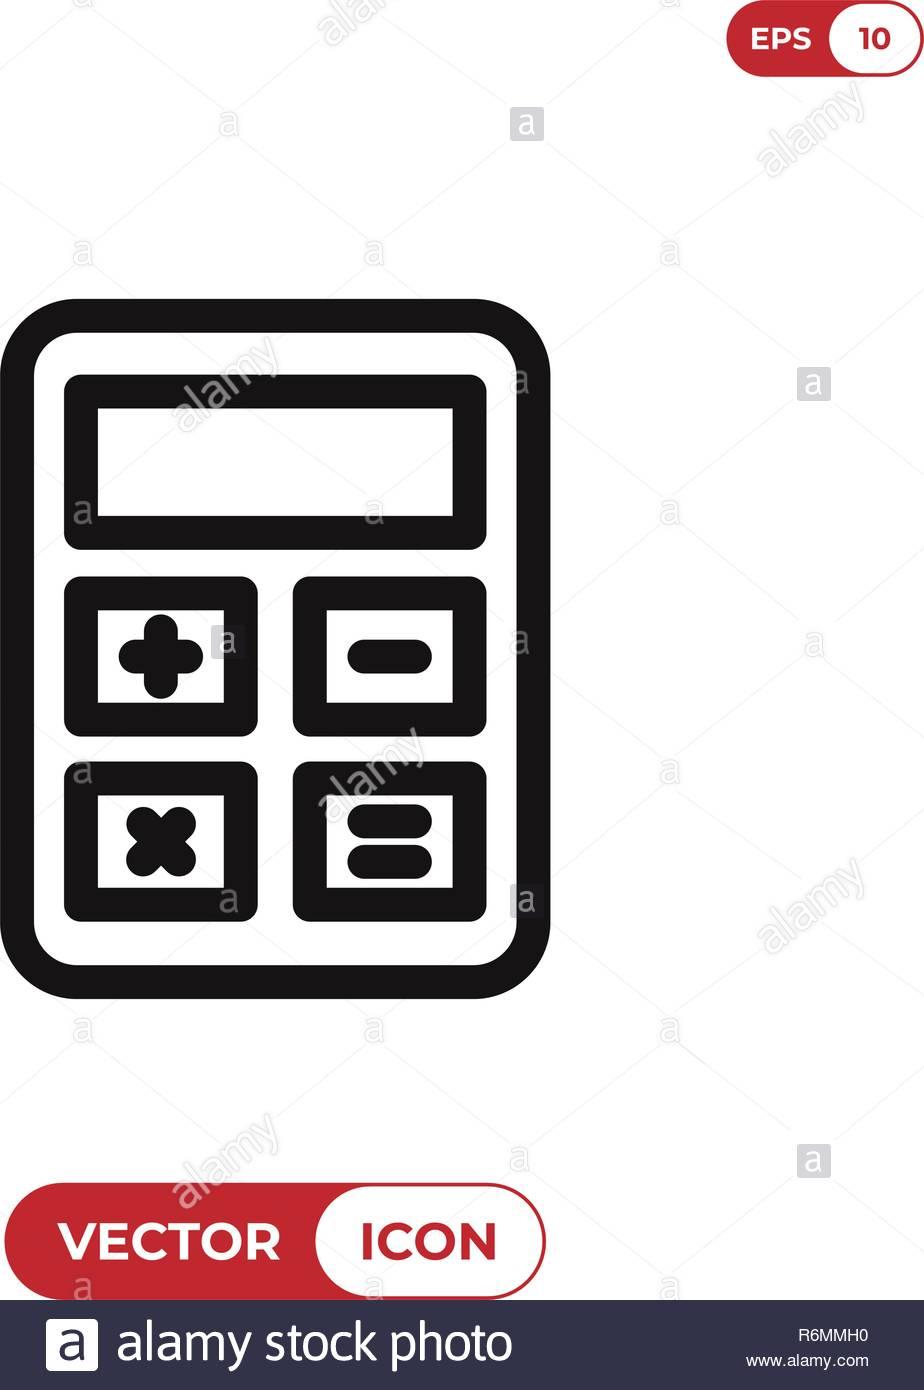 Taschenrechner Vektor Icon Vektor Abbildung Bild 227877916 Alamy